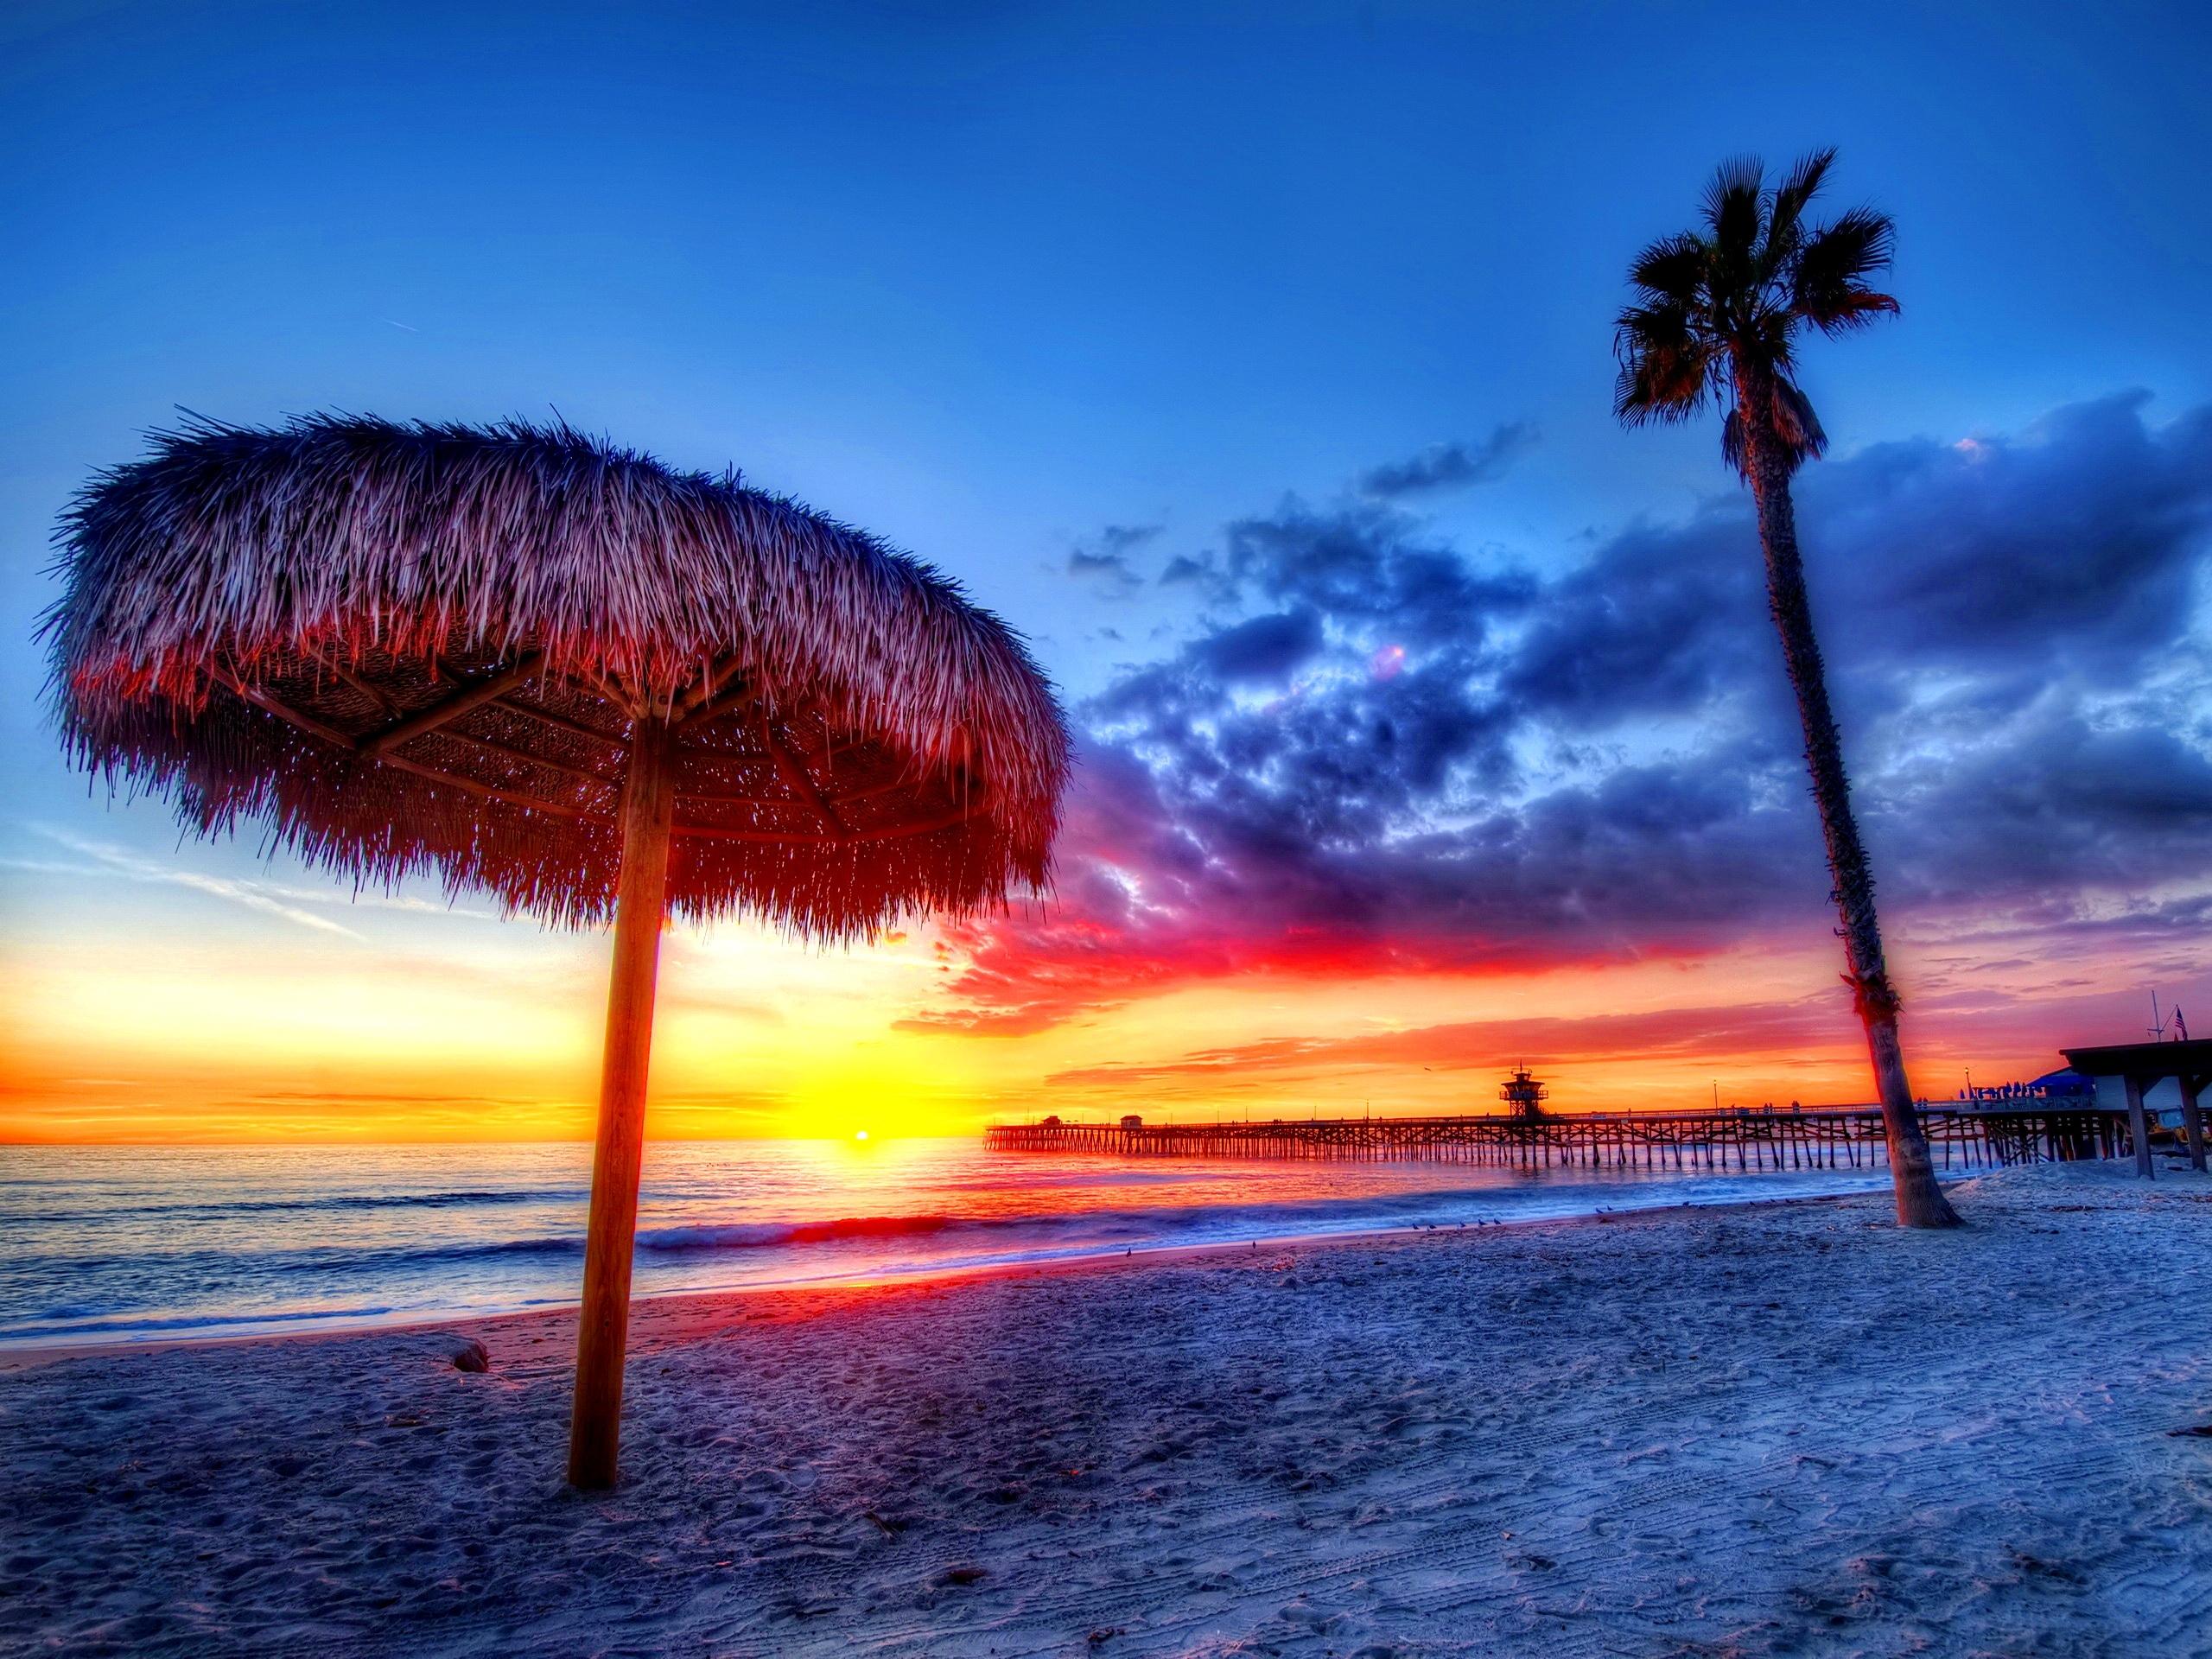 112607 Заставки и Обои Песок на телефон. Скачать Закат, Природа, Пляж, Тропики, Море, Песок, Пальмы, Красиво картинки бесплатно